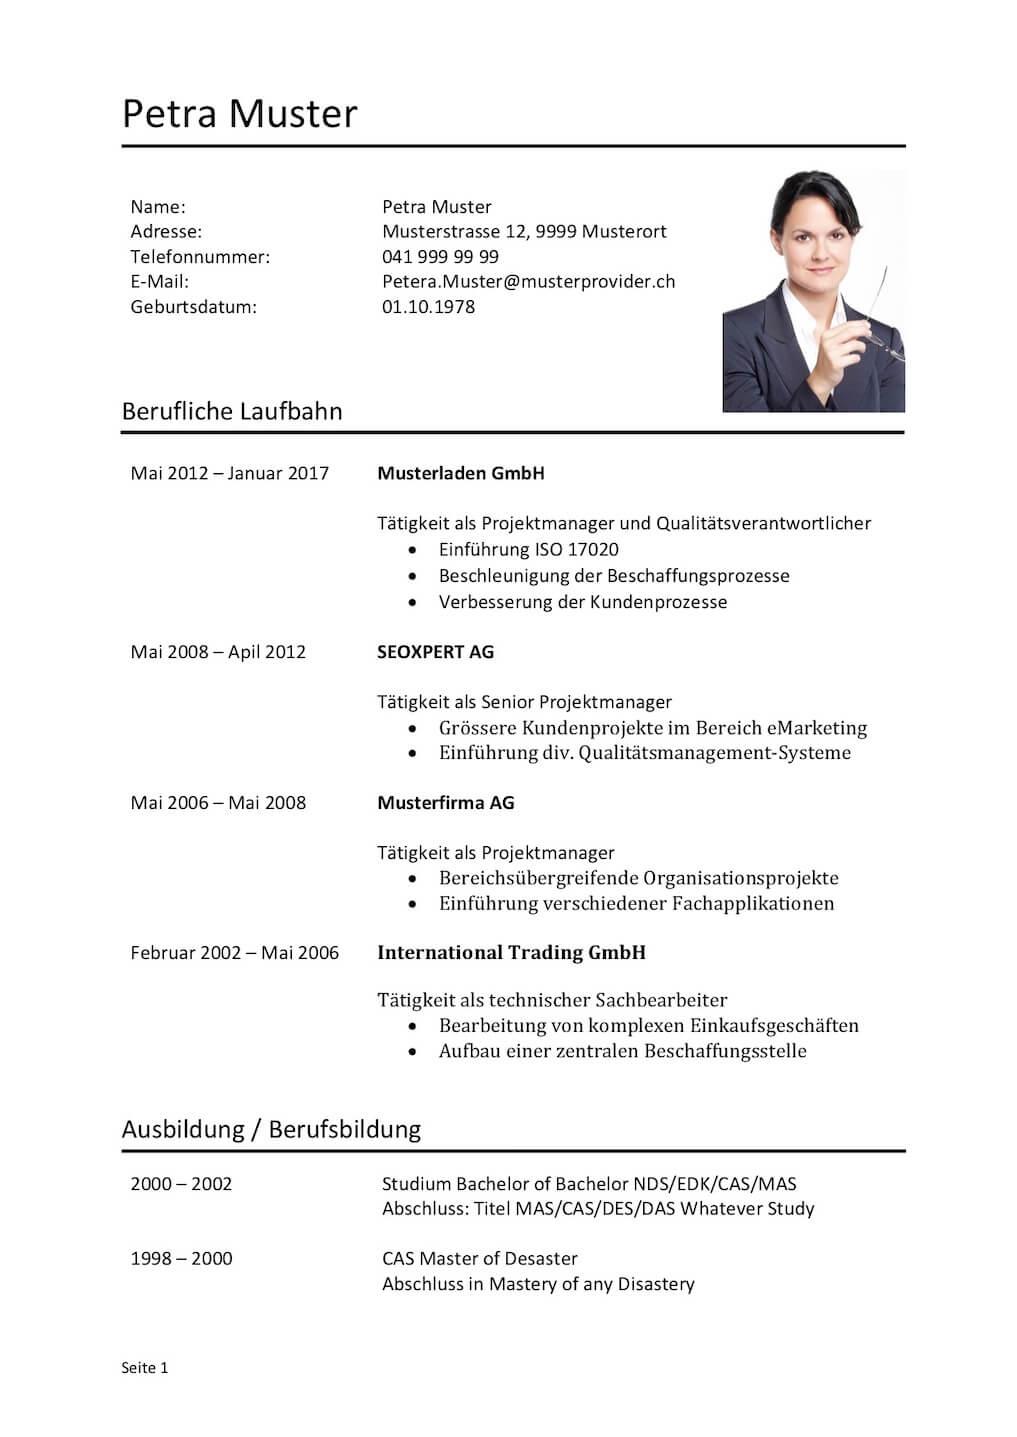 Kurzprofil Lebenslauf Vorlage (Word) | Muster-Vorlage.ch